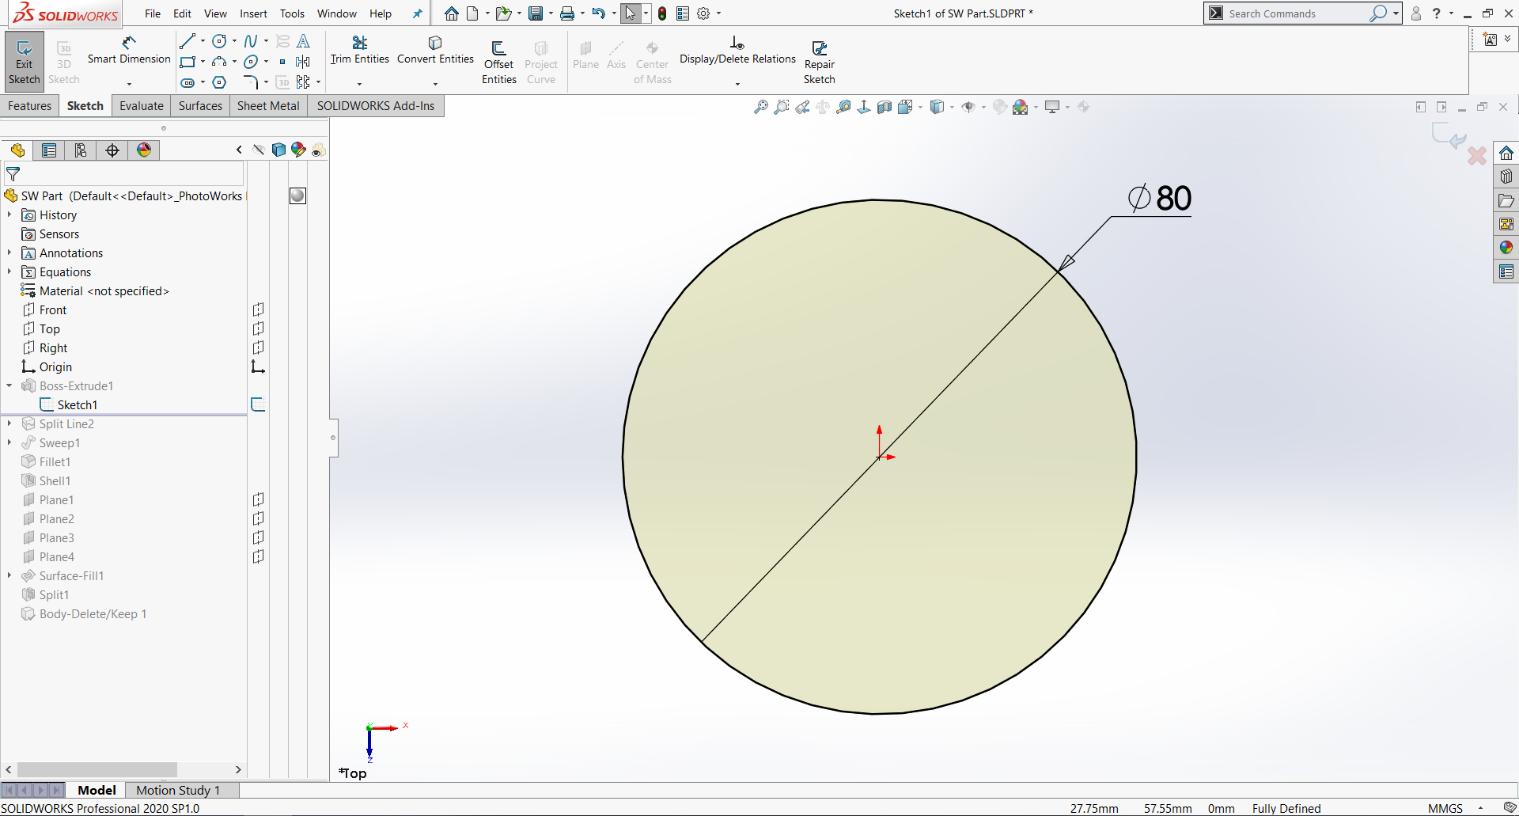 solidworks_vs_onshape-SolidworksSketch